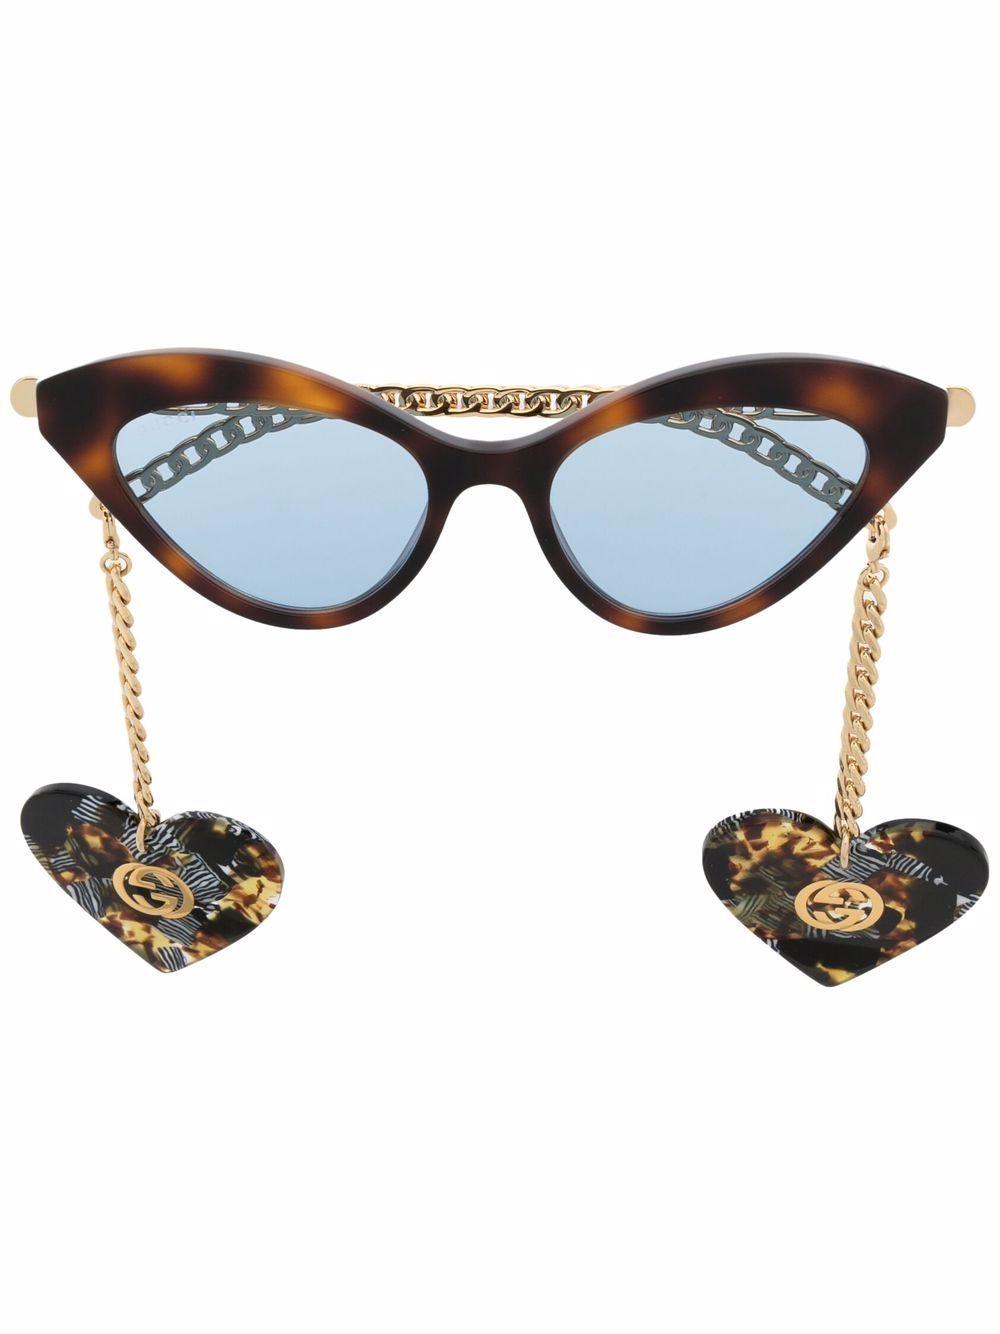 Gucci Eyewear Sonnenbrille mit Cat-Eye-Gestell - Braun